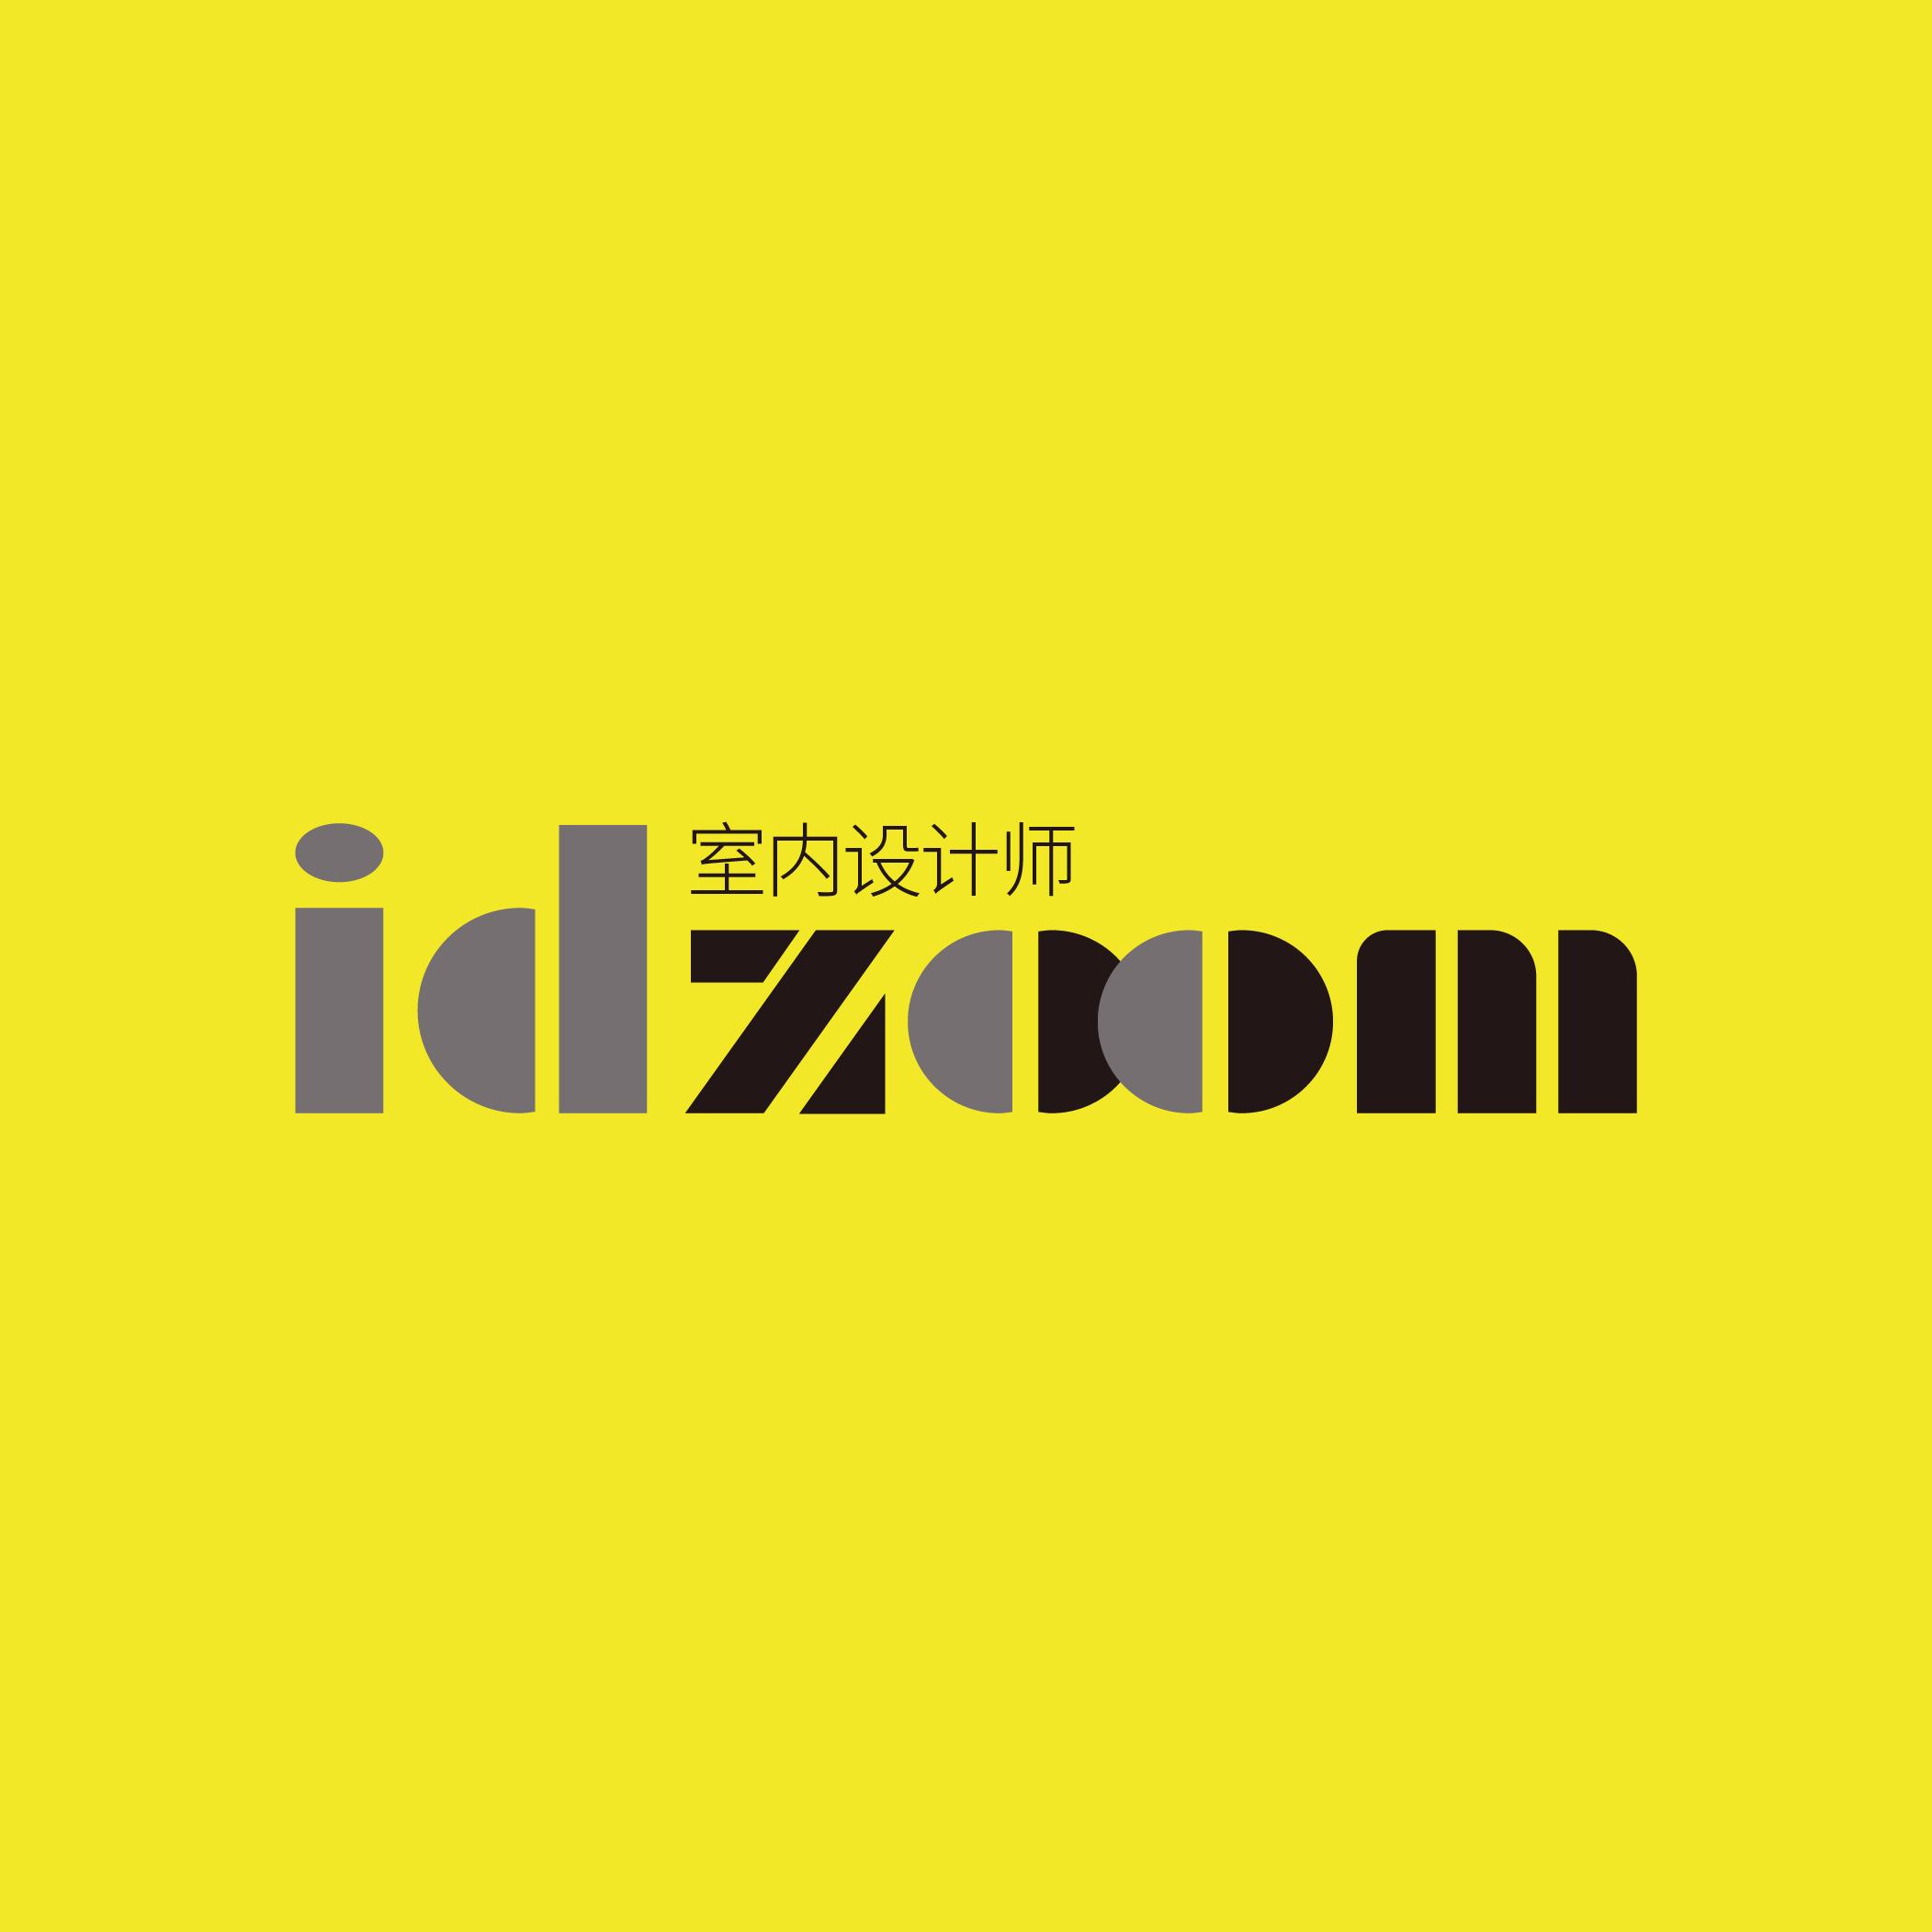 idzoom